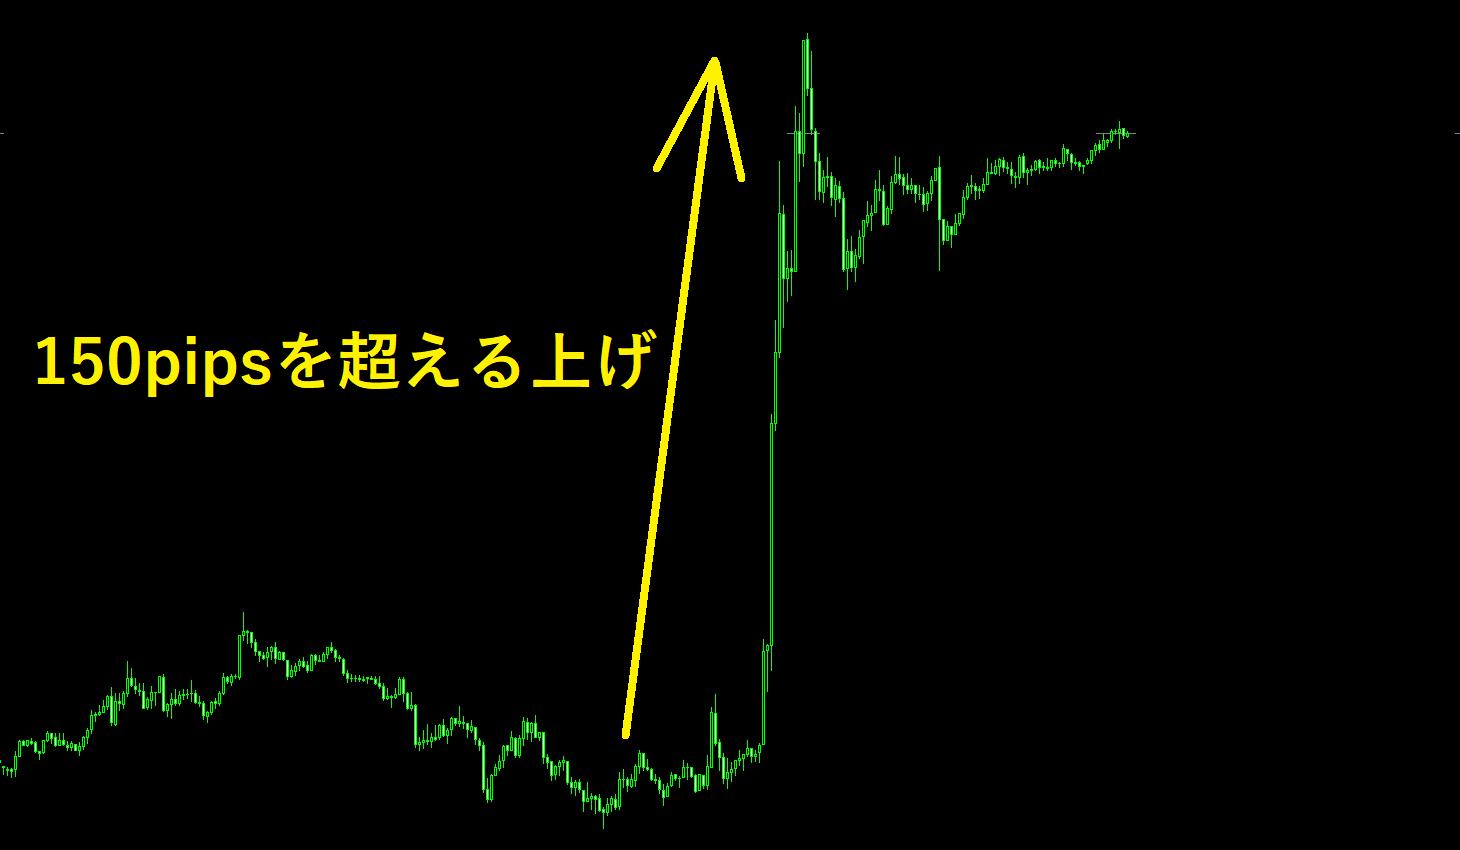 ニュースによりドル円の急騰